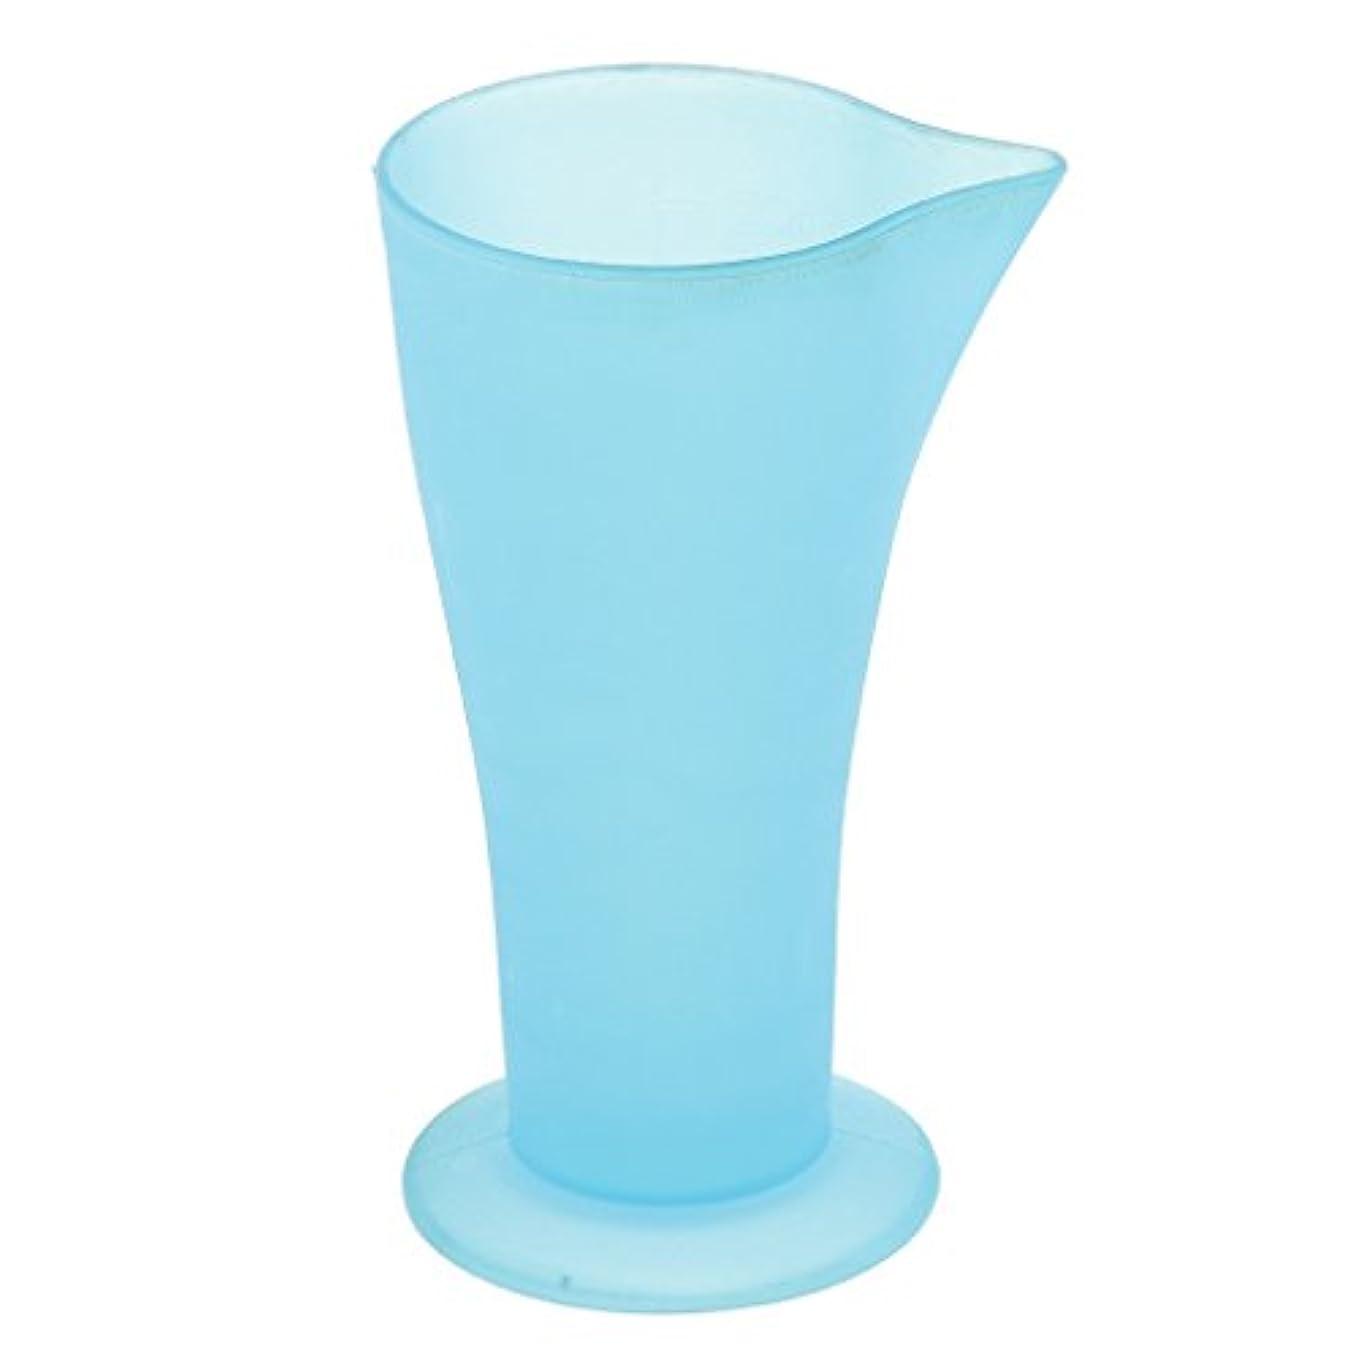 楽観建てる専門知識計量カップ ヘアダイカップ ブルー プラスチック 再使用可能 髪型 サロン 髪の色合い 色の混合用